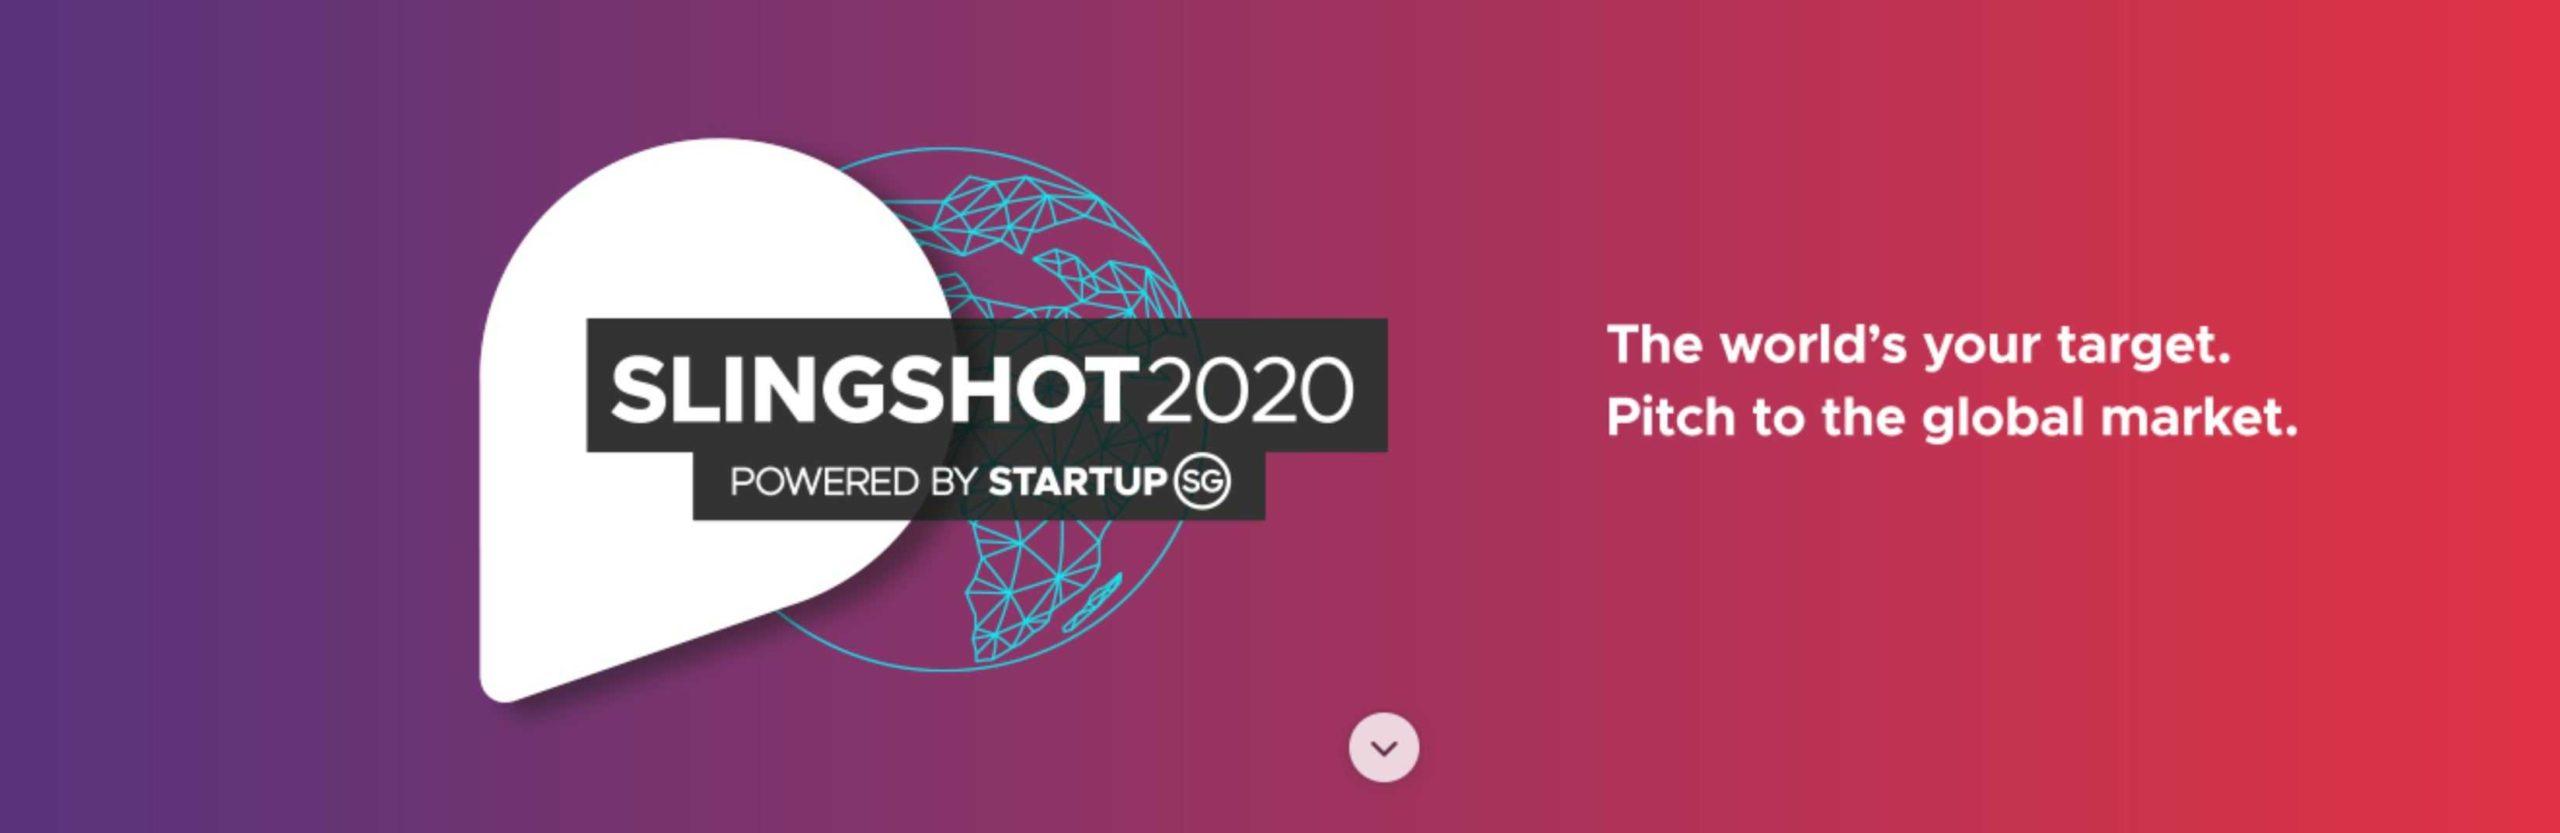 Slingshot 2020